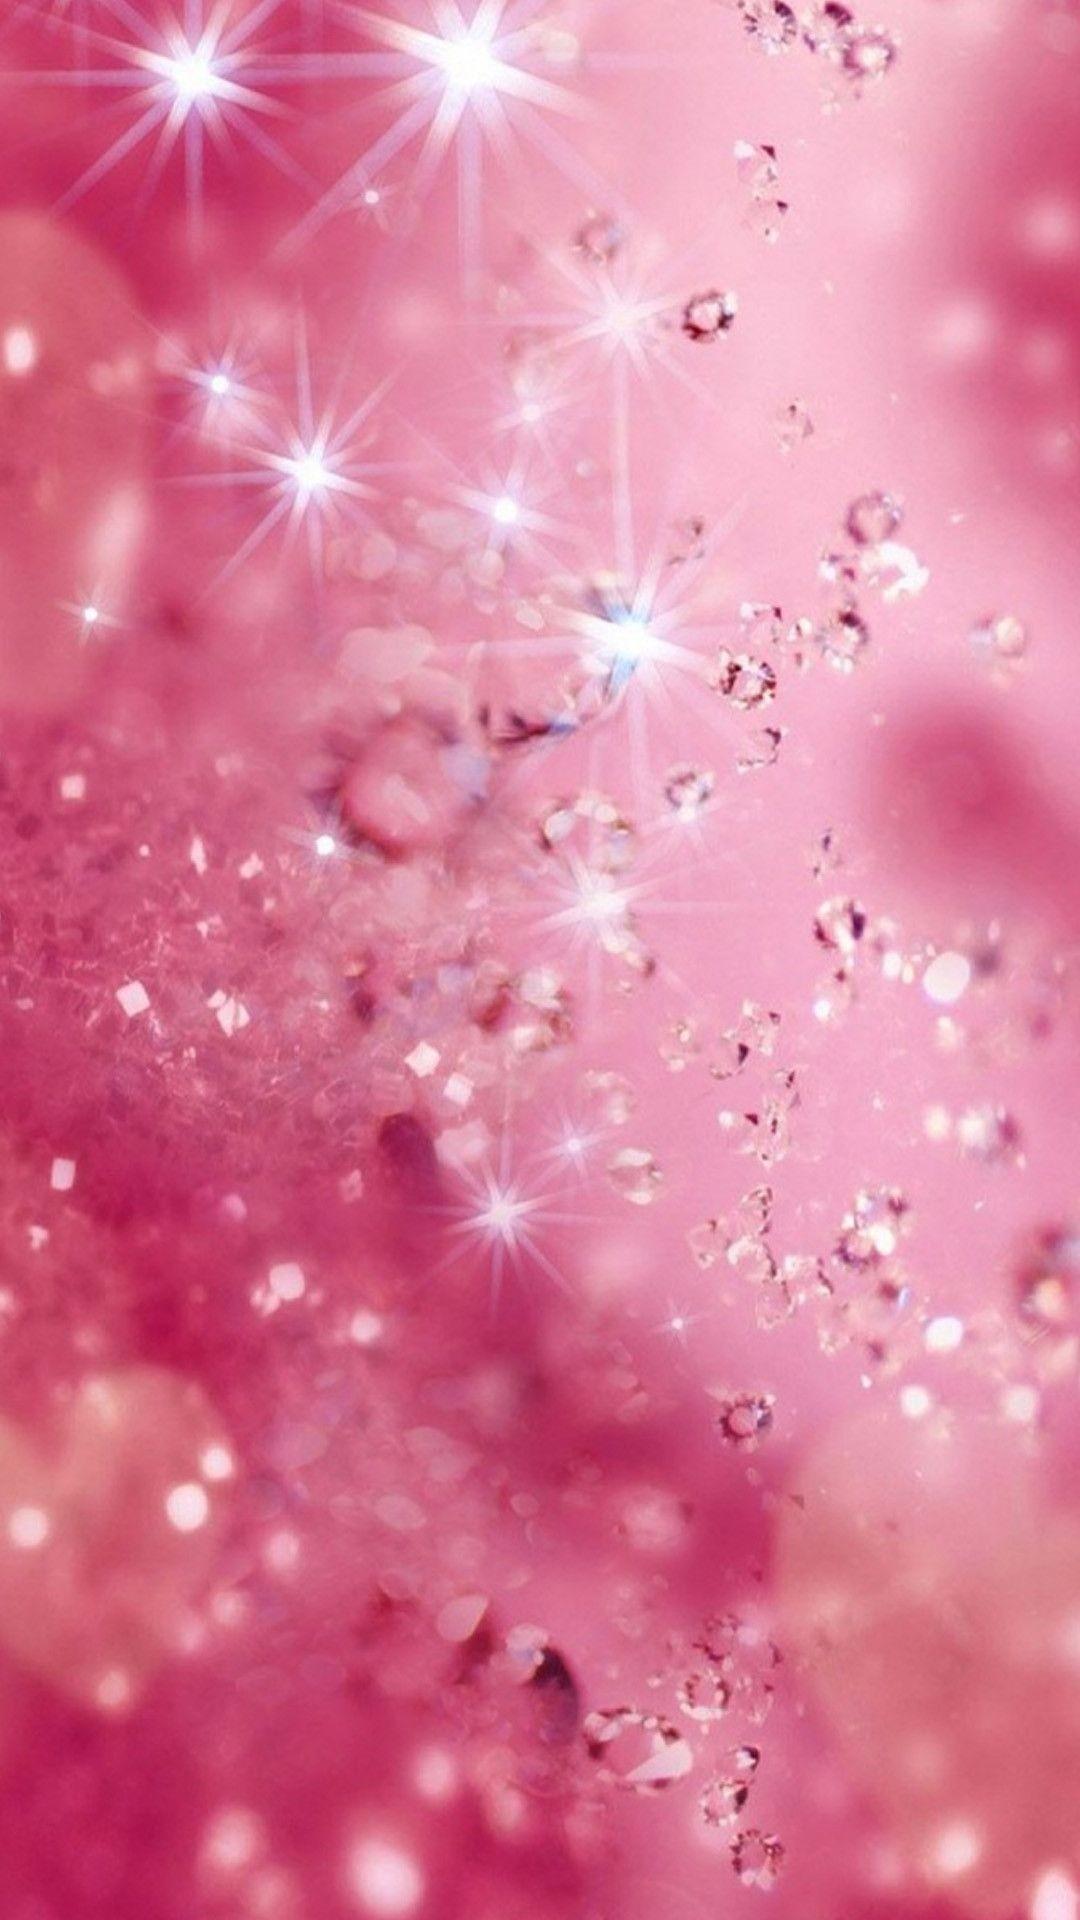 Light Pink iphone wallpaper